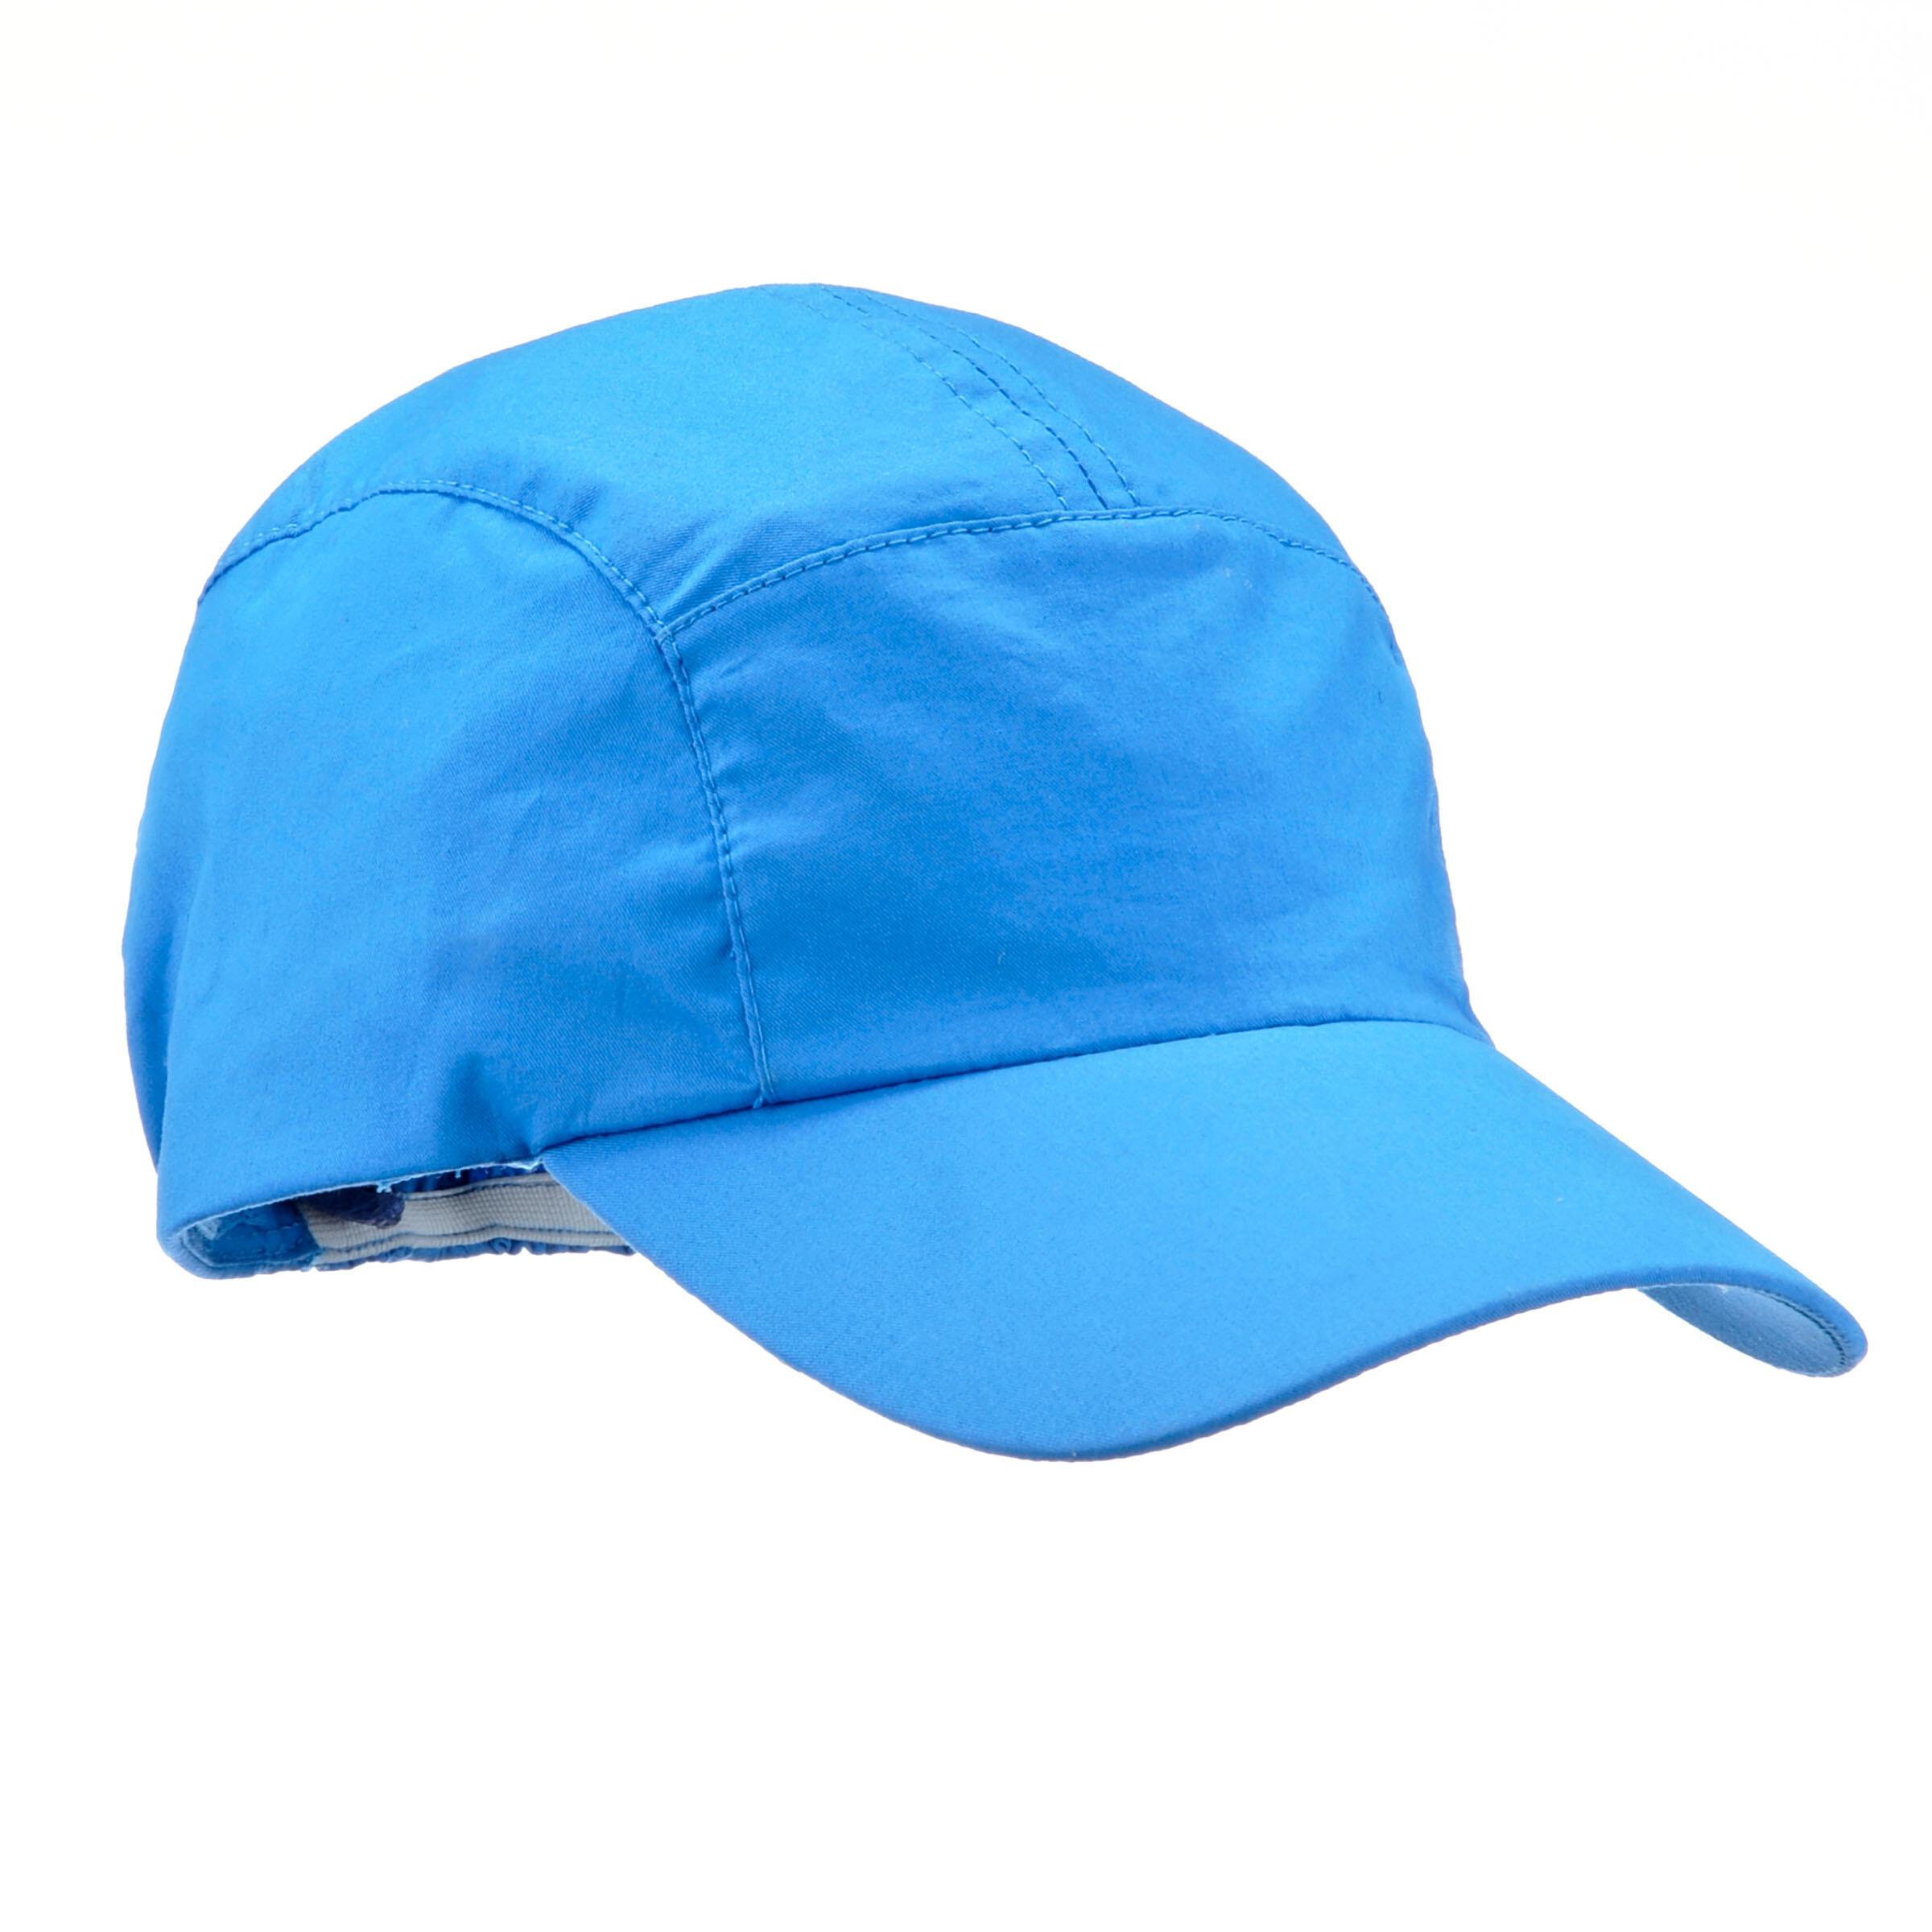 Gorra de senderismo júnior MH100 azul 3 A 6 AÑOS